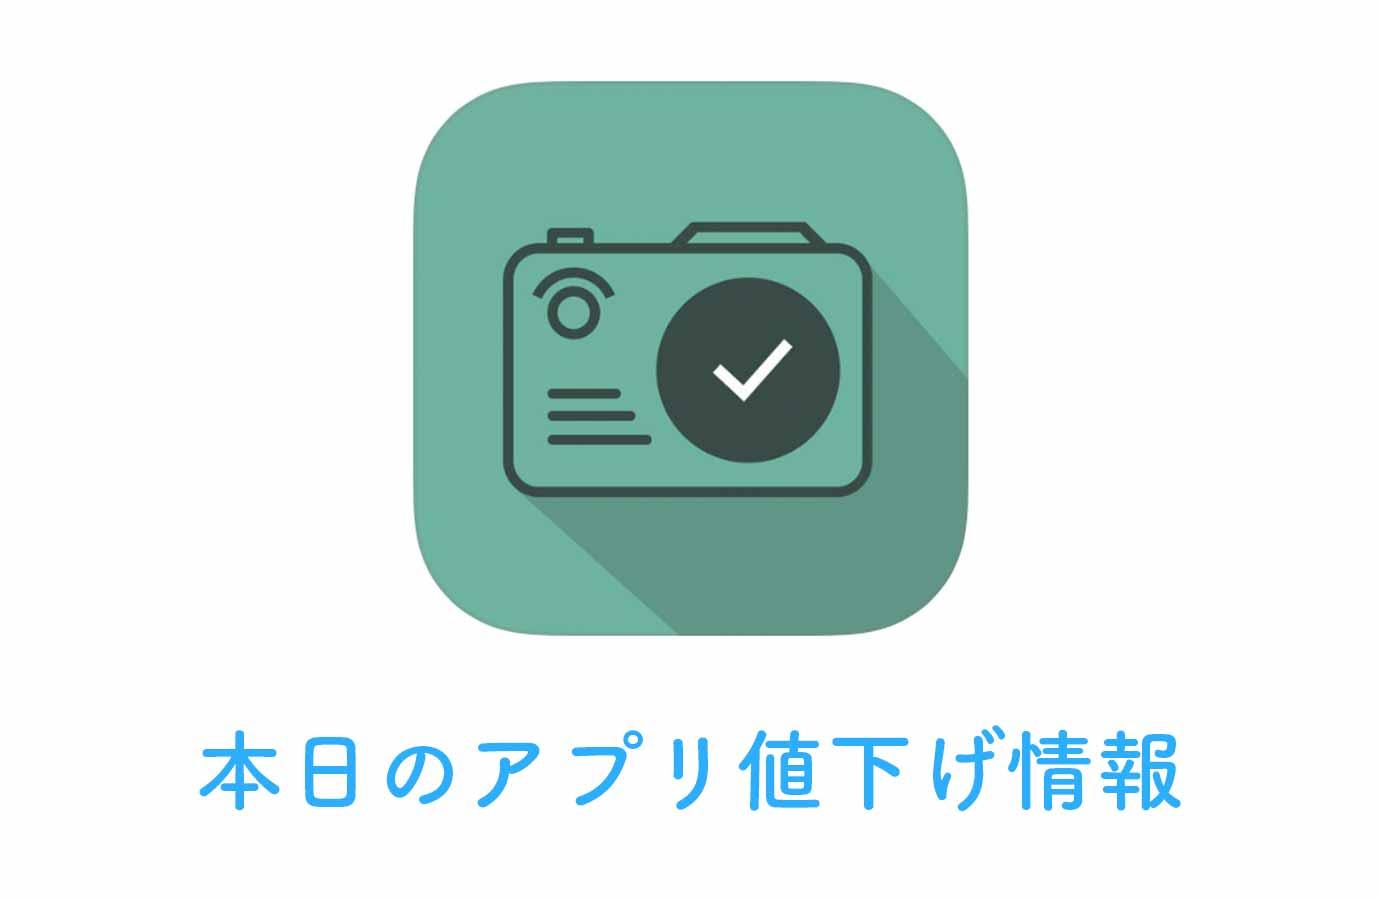 120円→無料!すぐ思い出せる写真付きリマインダーアプリ「Photo Reminders」など【1/14】アプリ値下げ情報